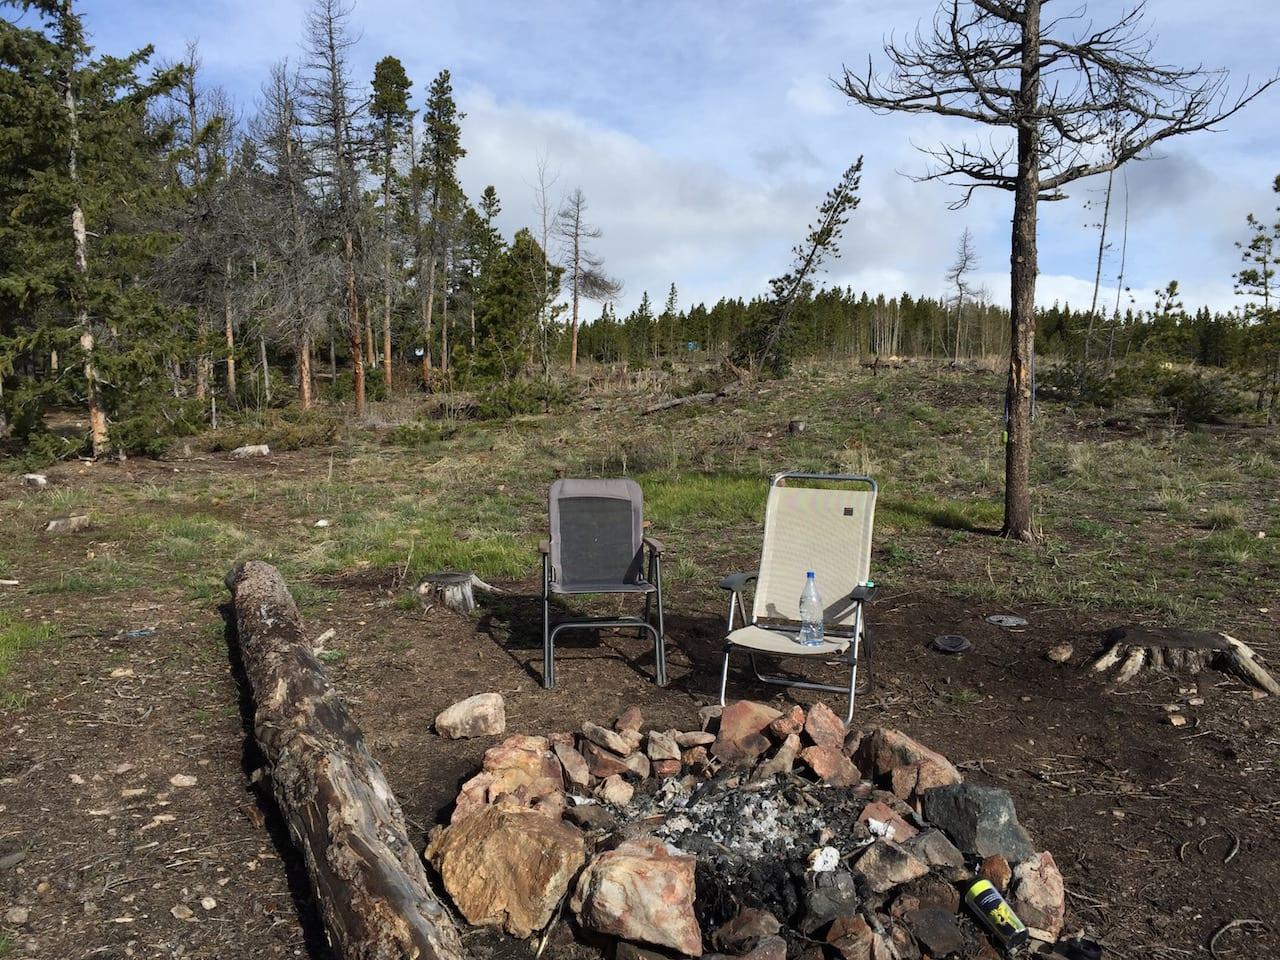 West Magnolia Nederland Colorado Campsite Firering